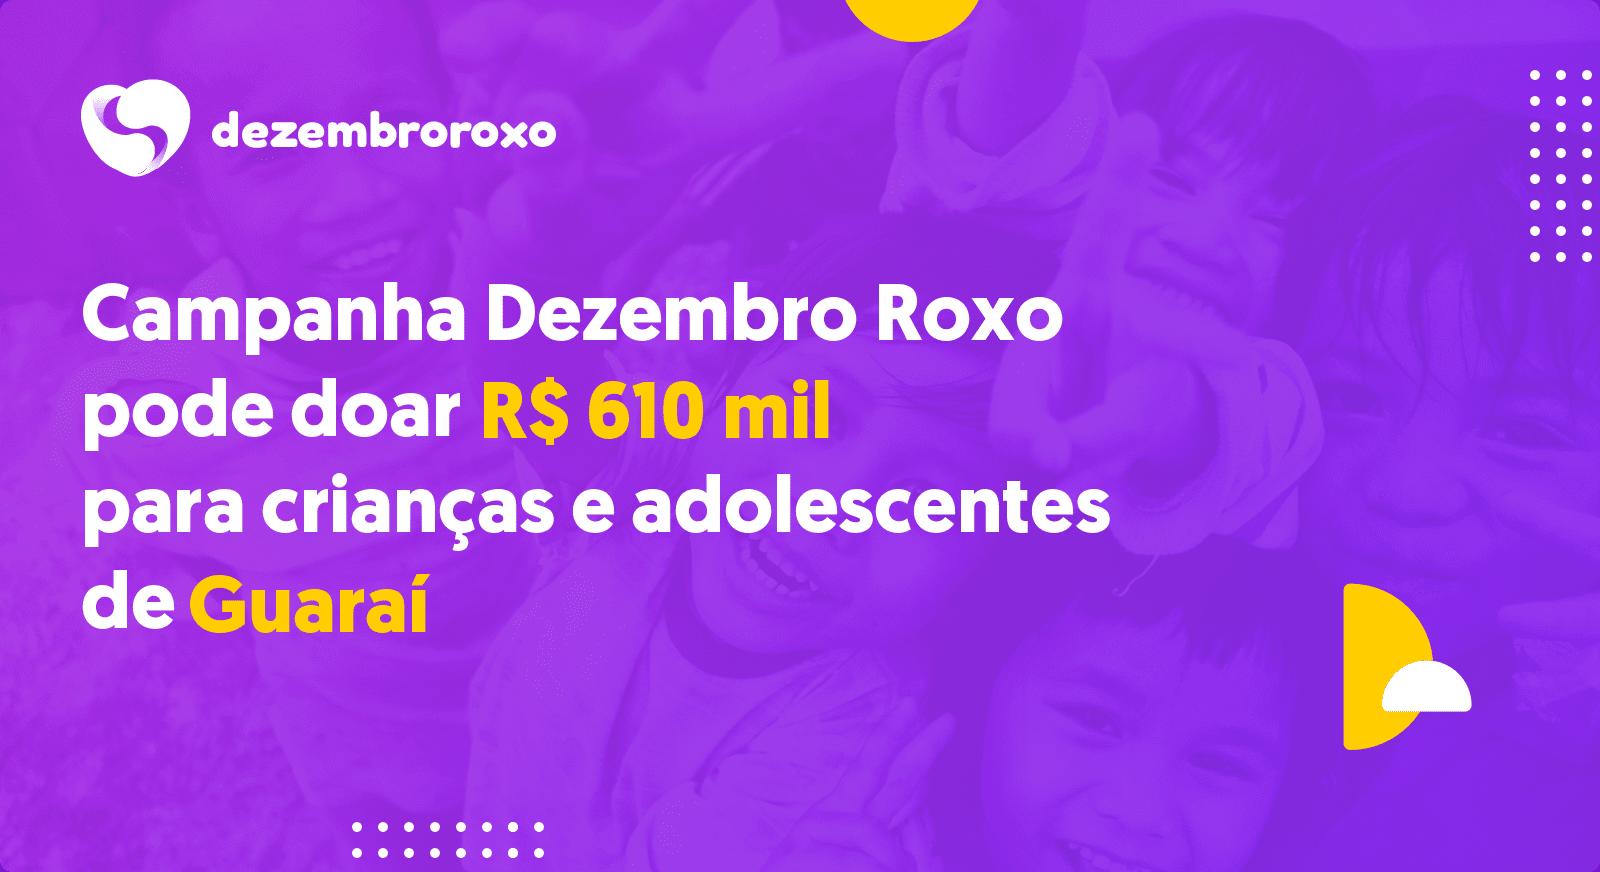 Campanha estimula doações por meio de abatimento no IR; potencial de Guaraí é de R$ 610 mil